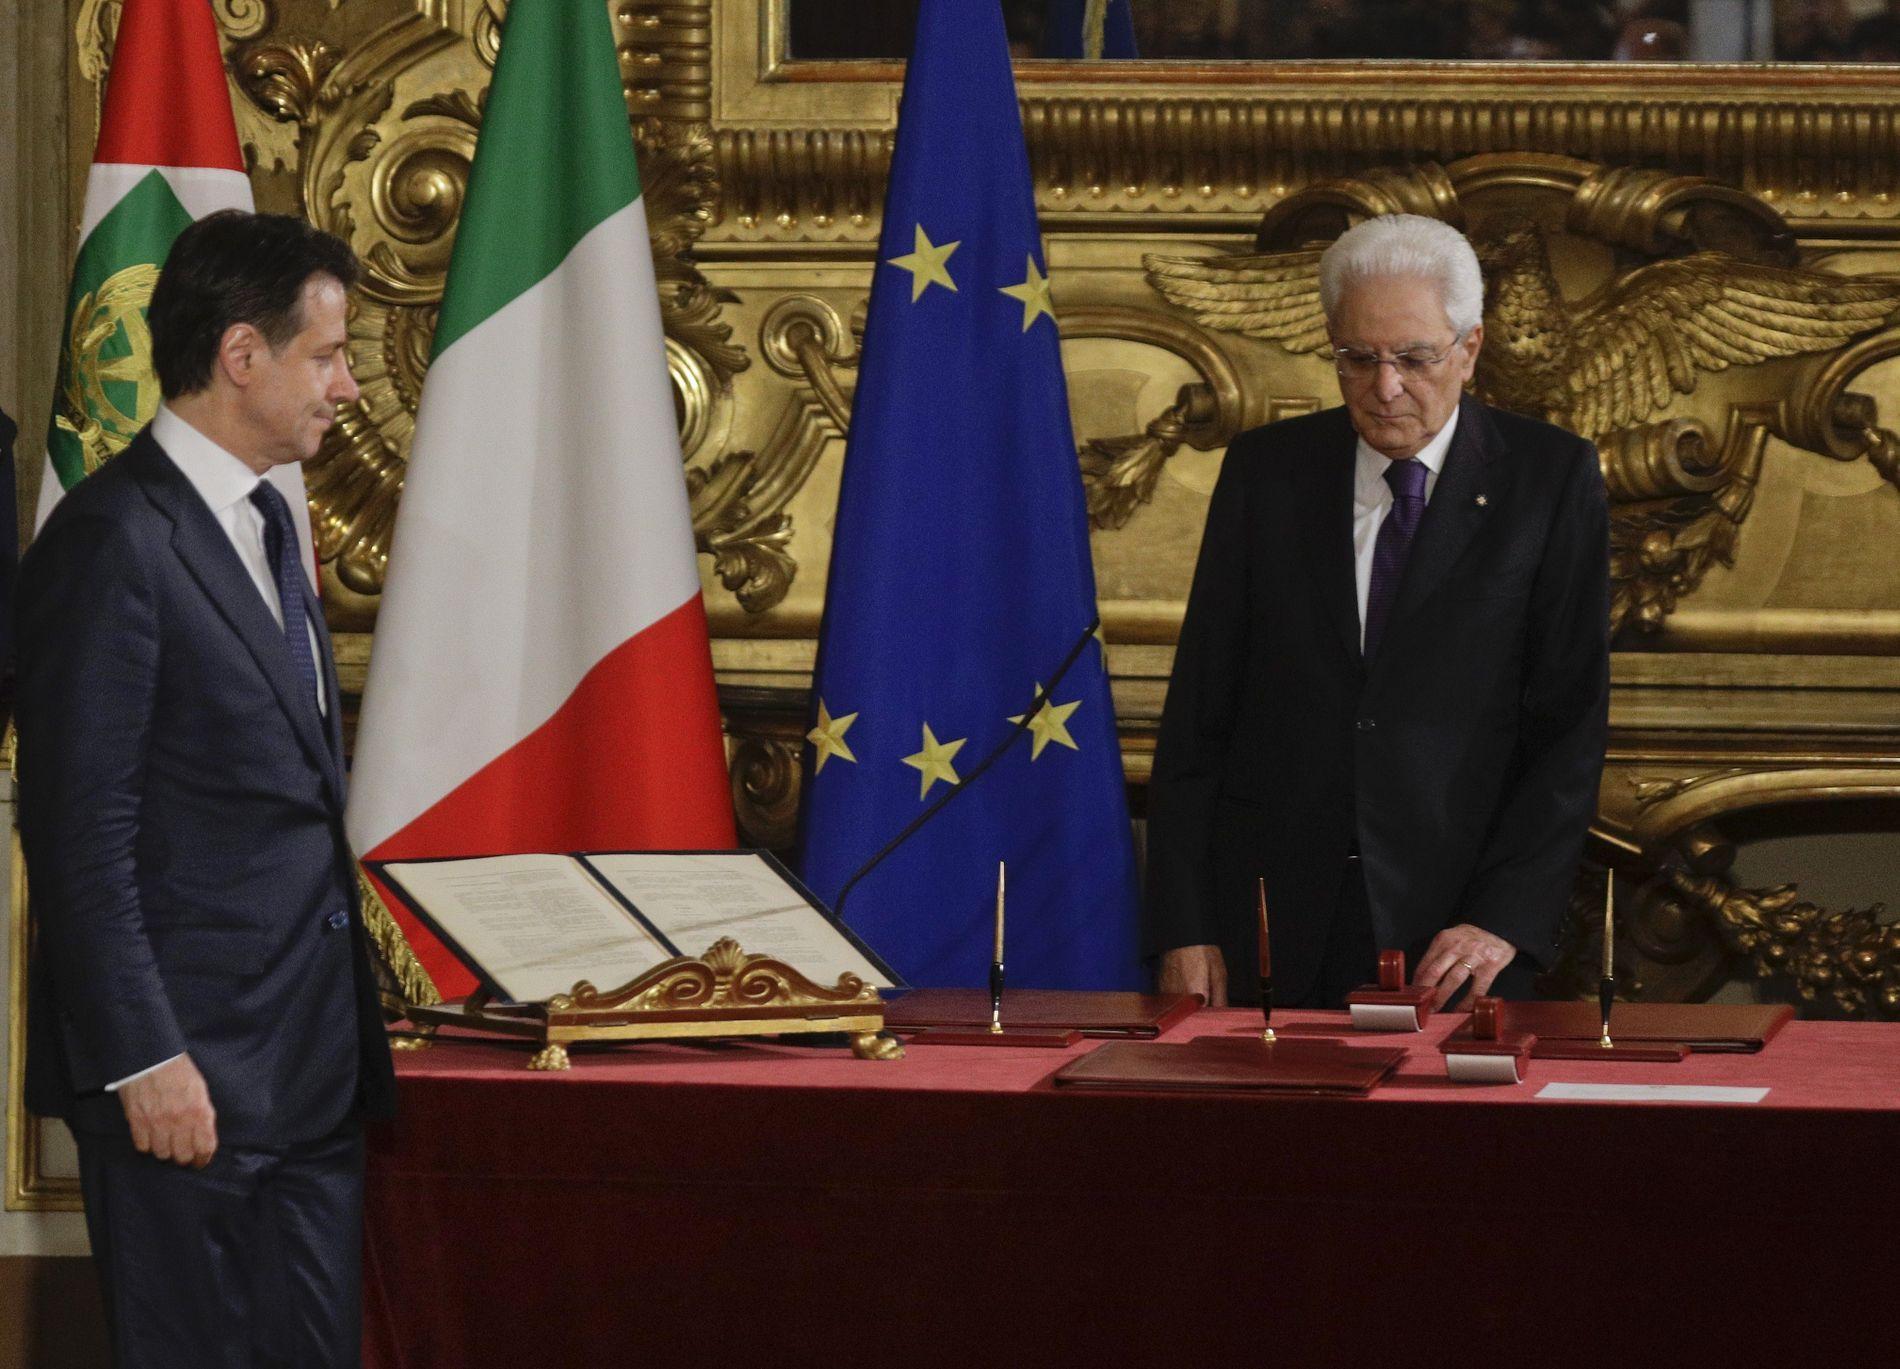 NY ROLLE: Giuseppe Conte (t.v.) og Italias nye høyrepopulistiske regjering ble fredag tatt i ed av president Sergio Mattarella (t.h.).